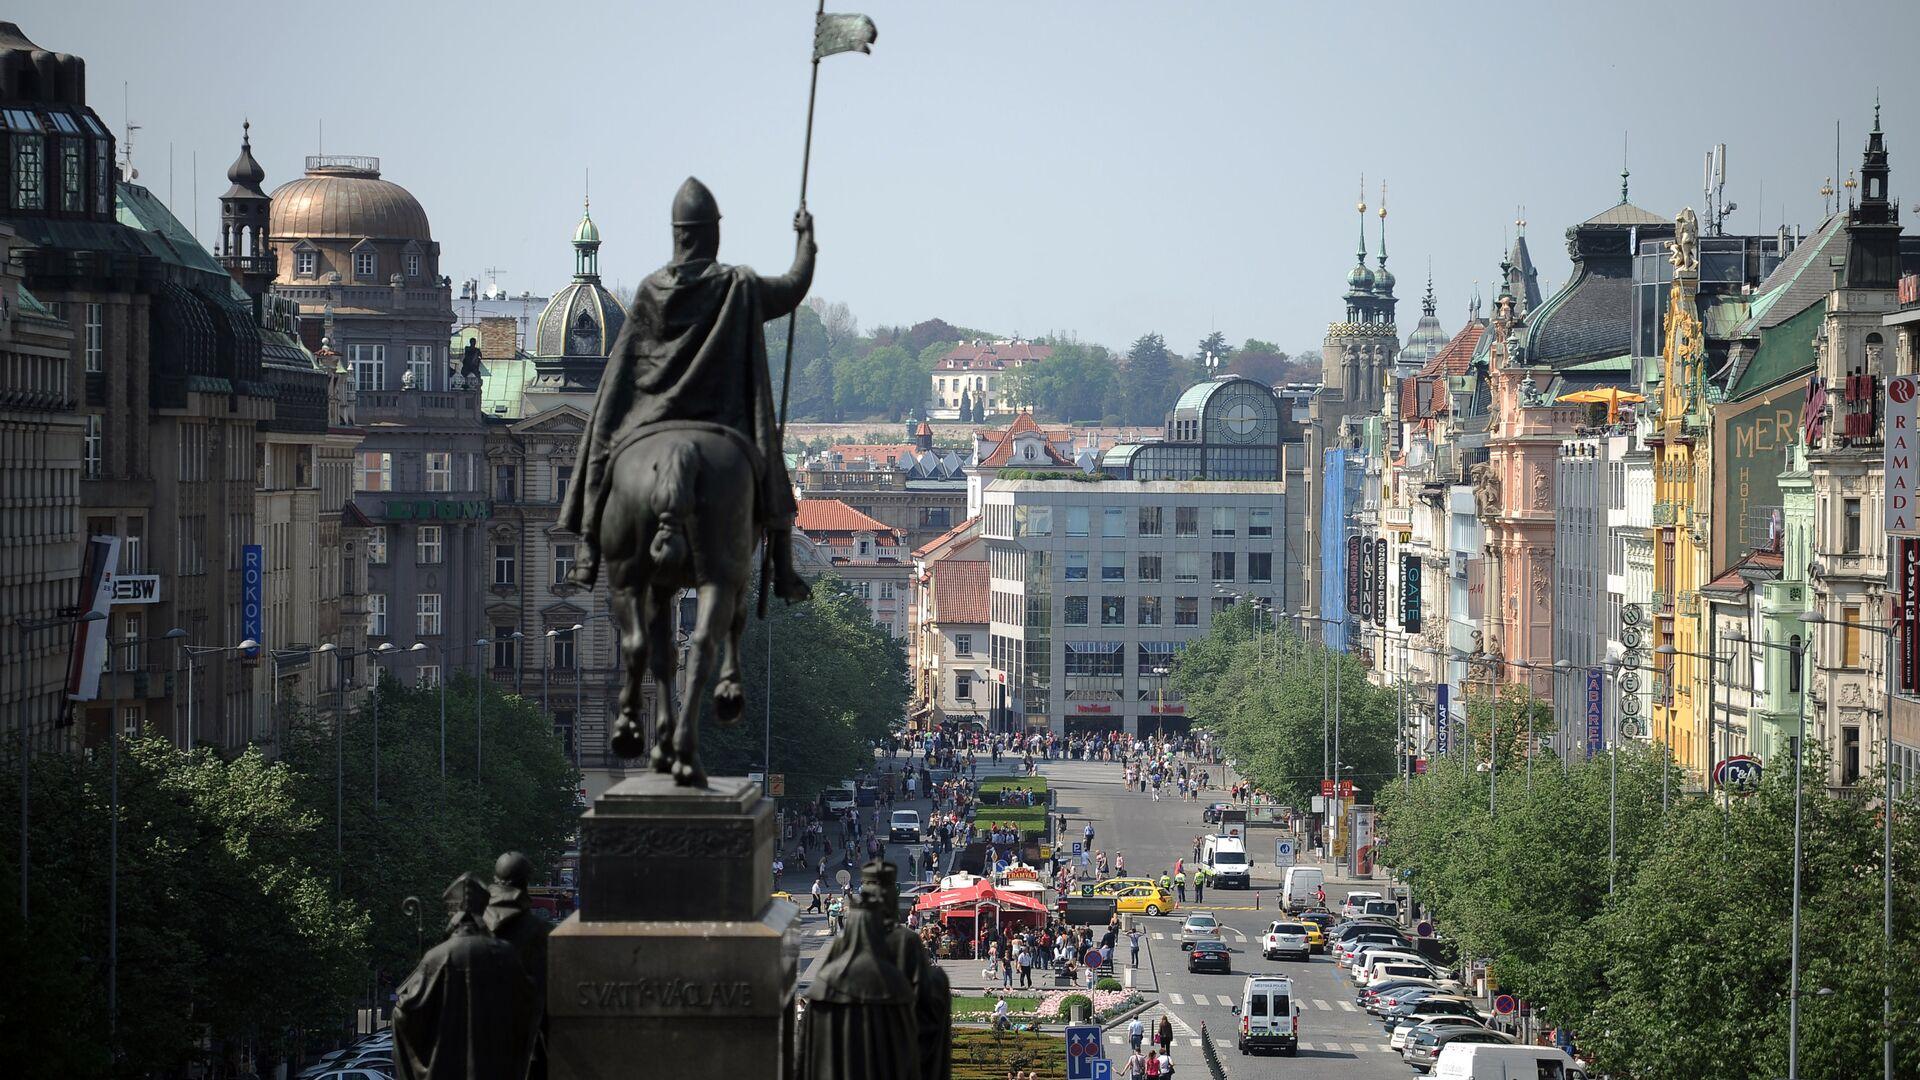 Вид на Вацлавскую площадь в Праге - РИА Новости, 1920, 07.05.2021